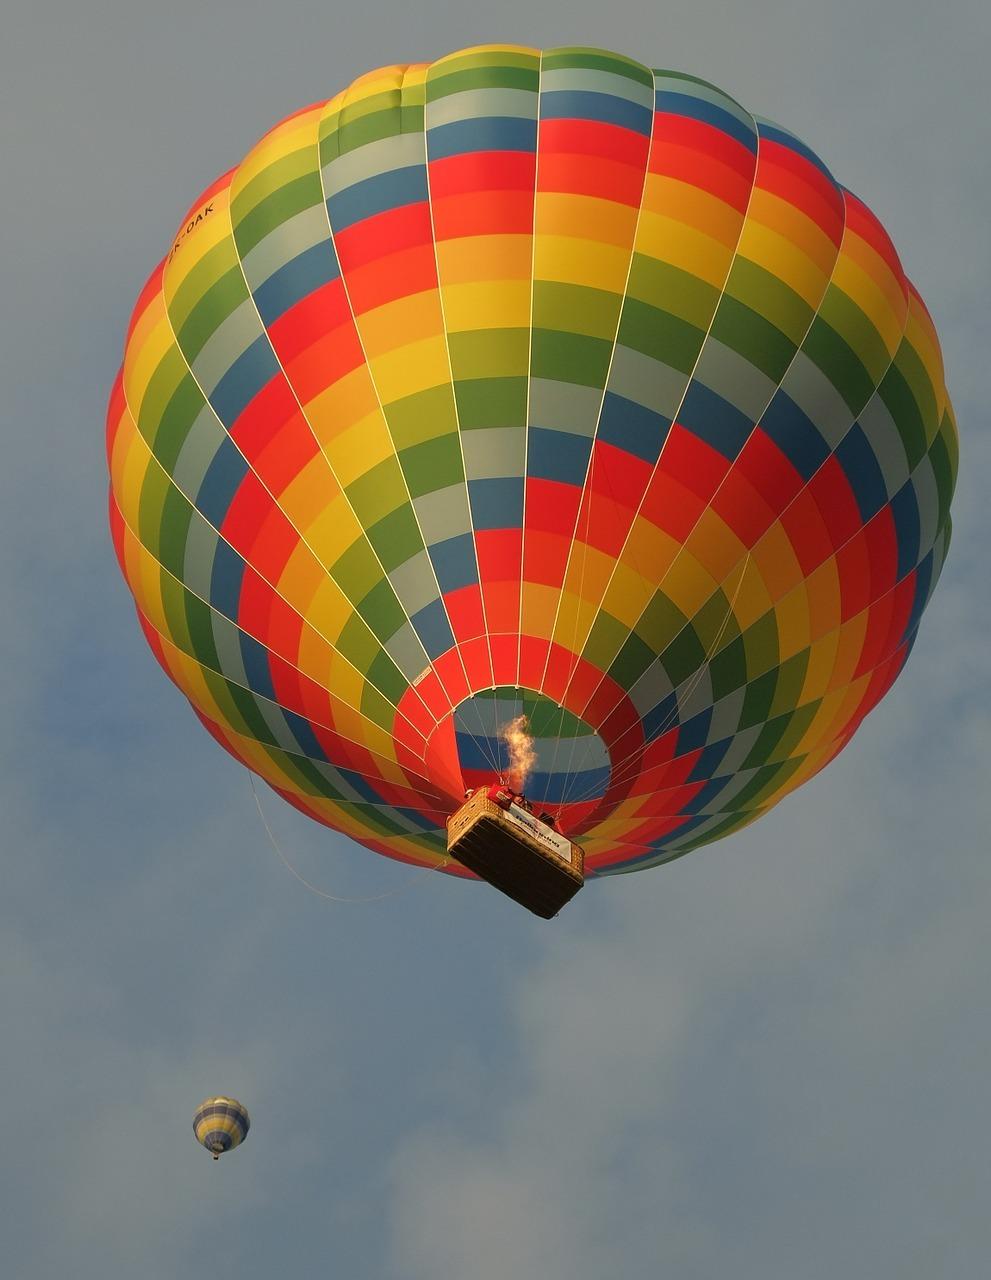 埃及熱氣球降落時出事 22名中國遊客受傷